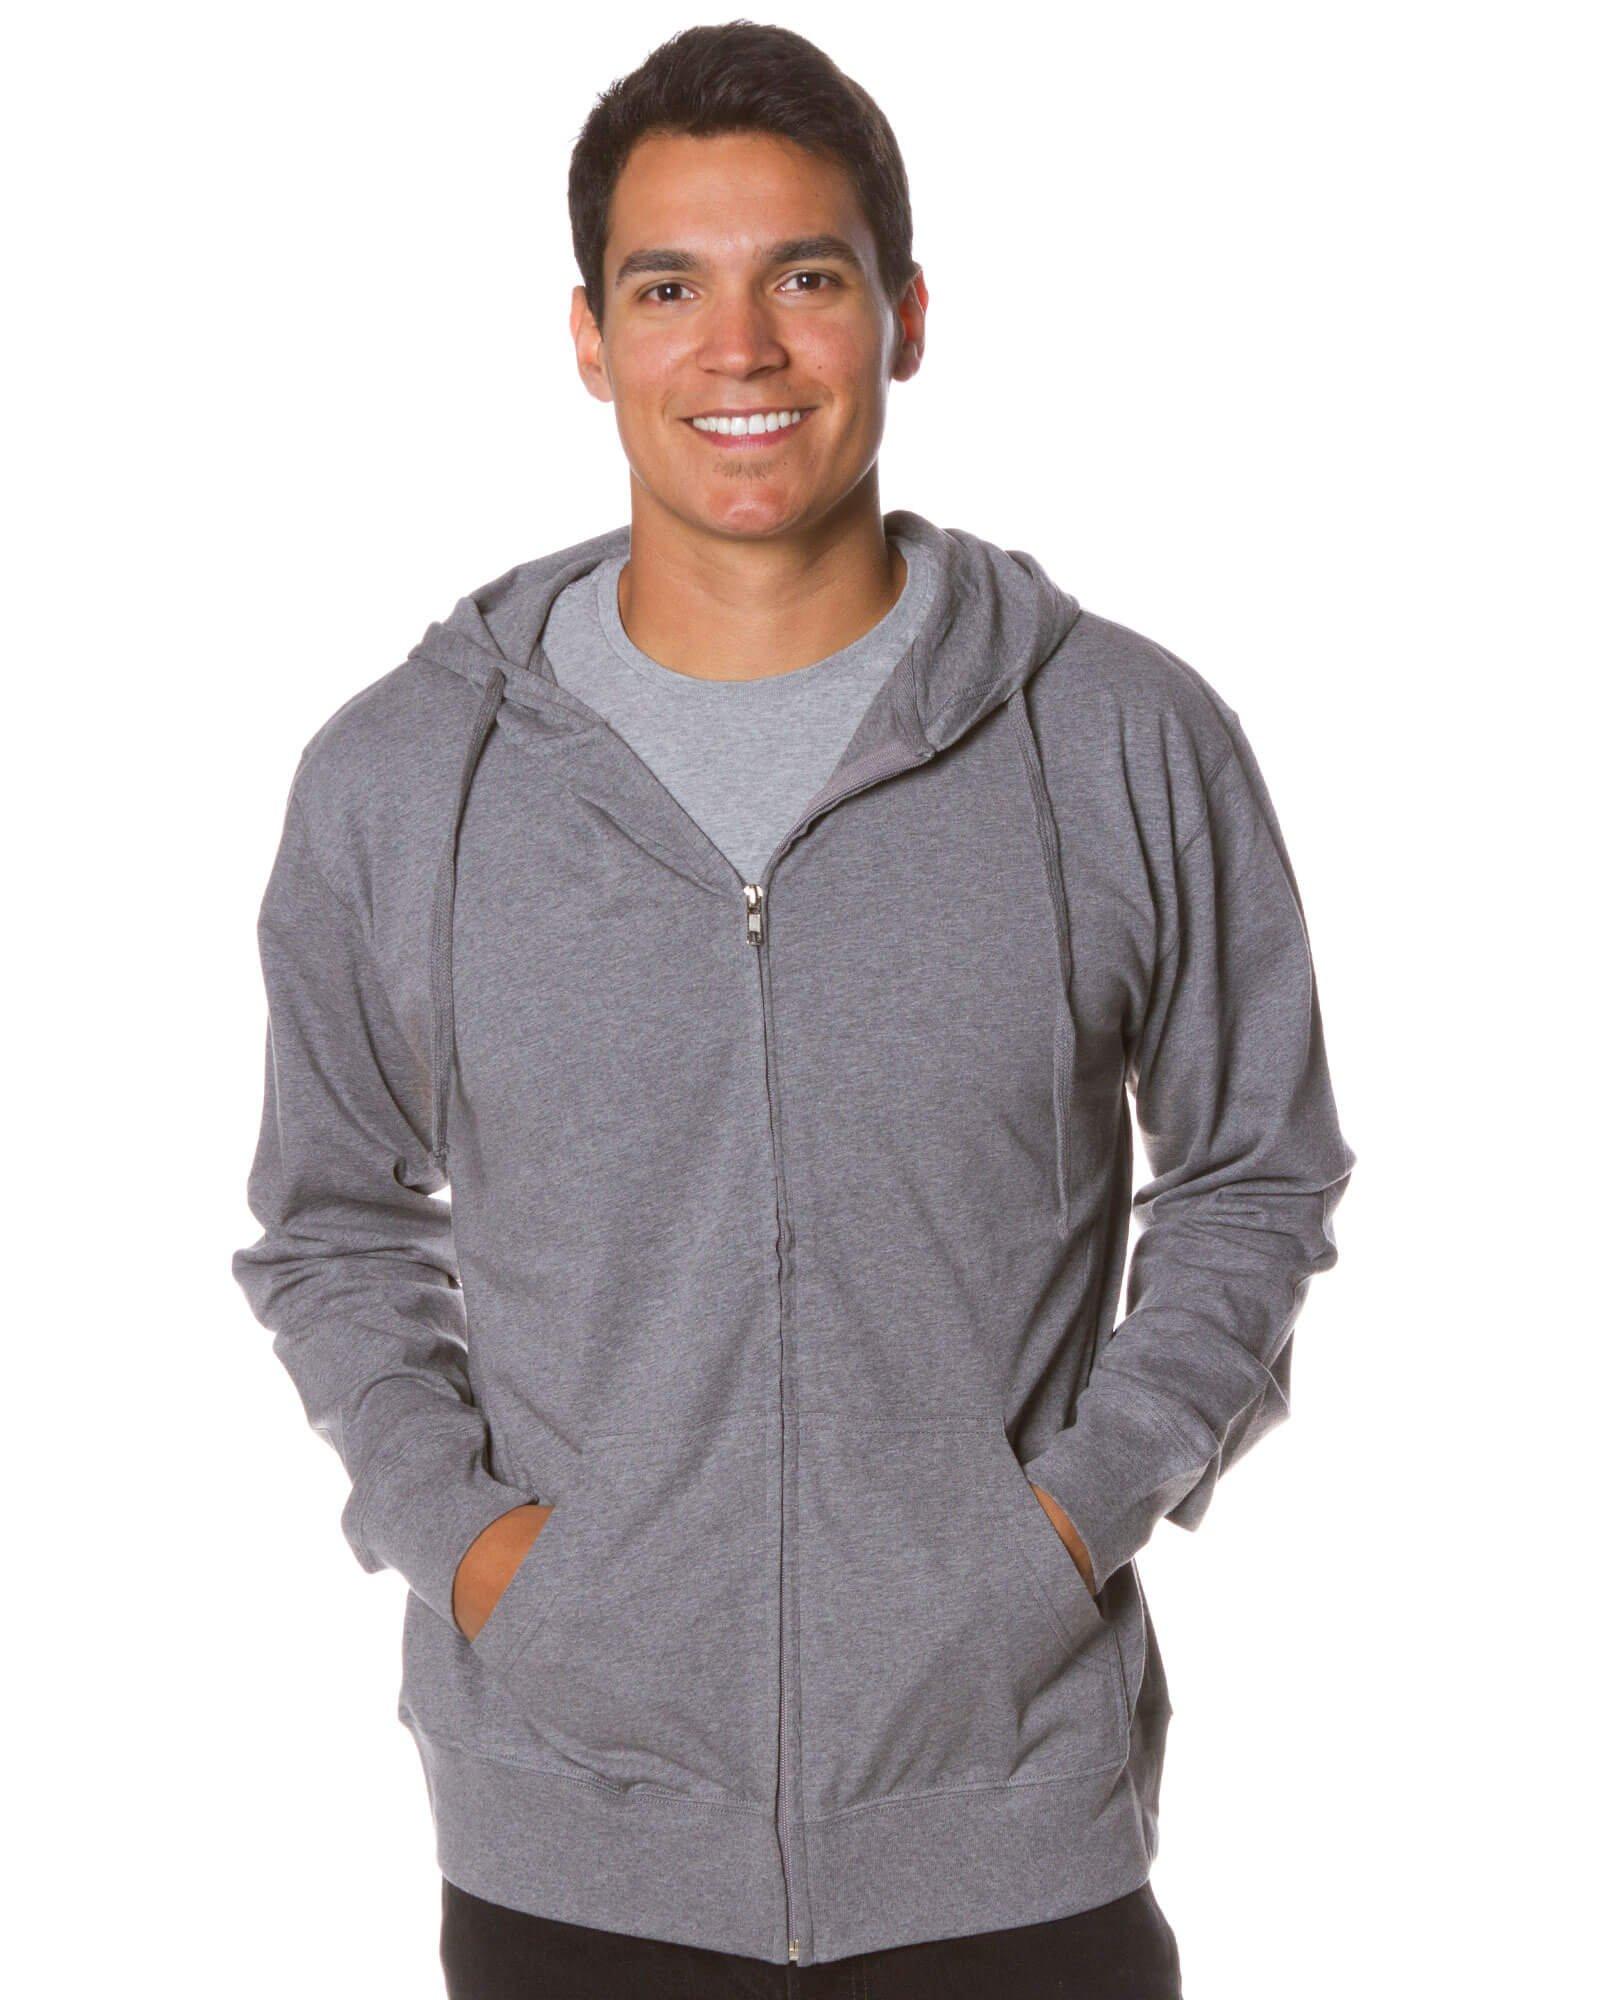 Global Men's Lightweight T-Shirt Jersey Full Zip Up Hoodie Sweatshirt XXL Gunmetal Heather